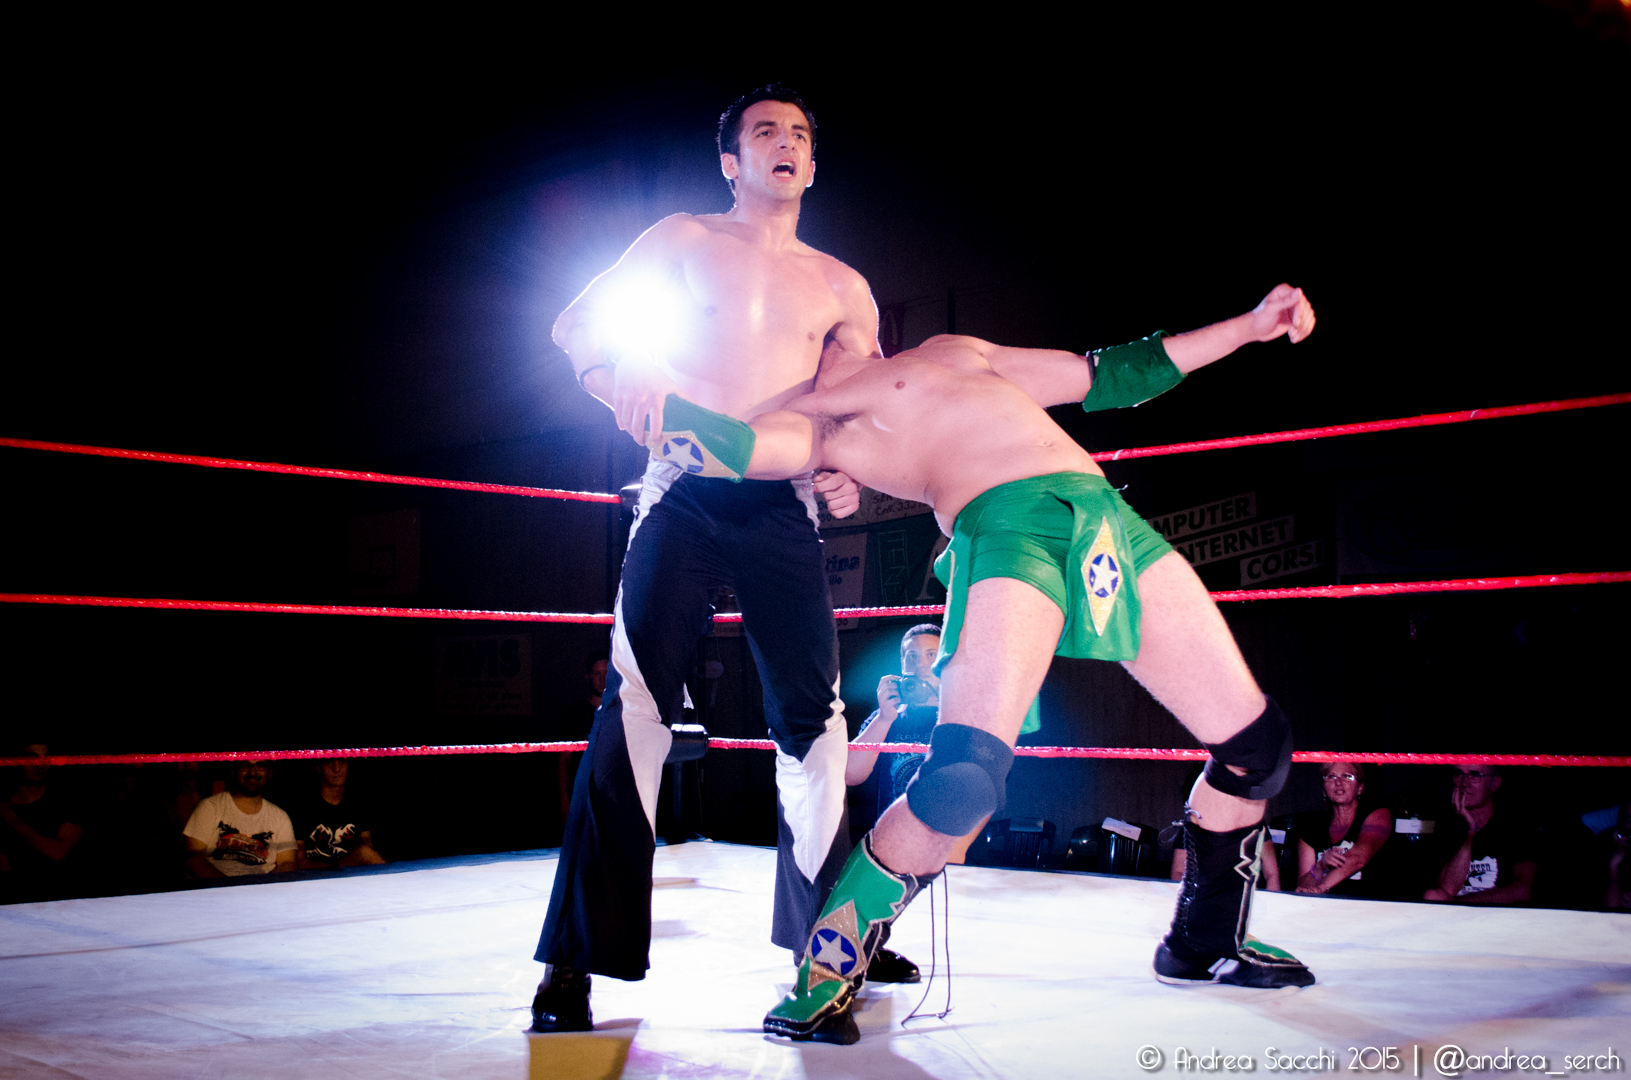 """Il motto di Manero è """"Stayin' Alive"""" e riesce a farne un cavallo di battaglia in ogni match, ottenendo importanti vittorie contro qualunque nome"""